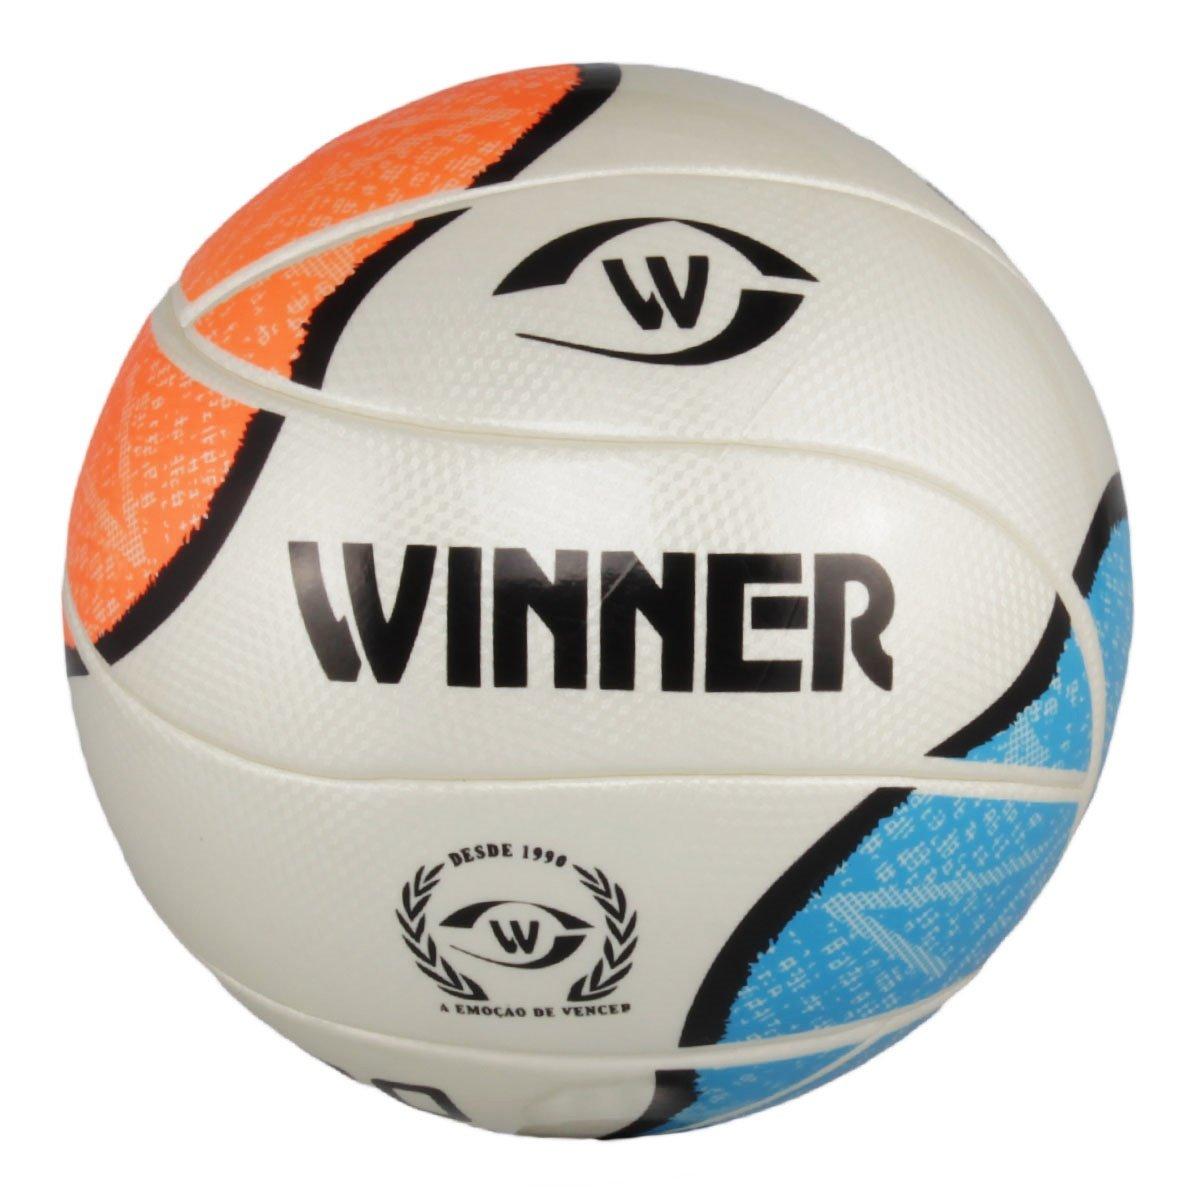 a367c26624 Bola Winner Futebol de Campo Termotech Micro em Pu